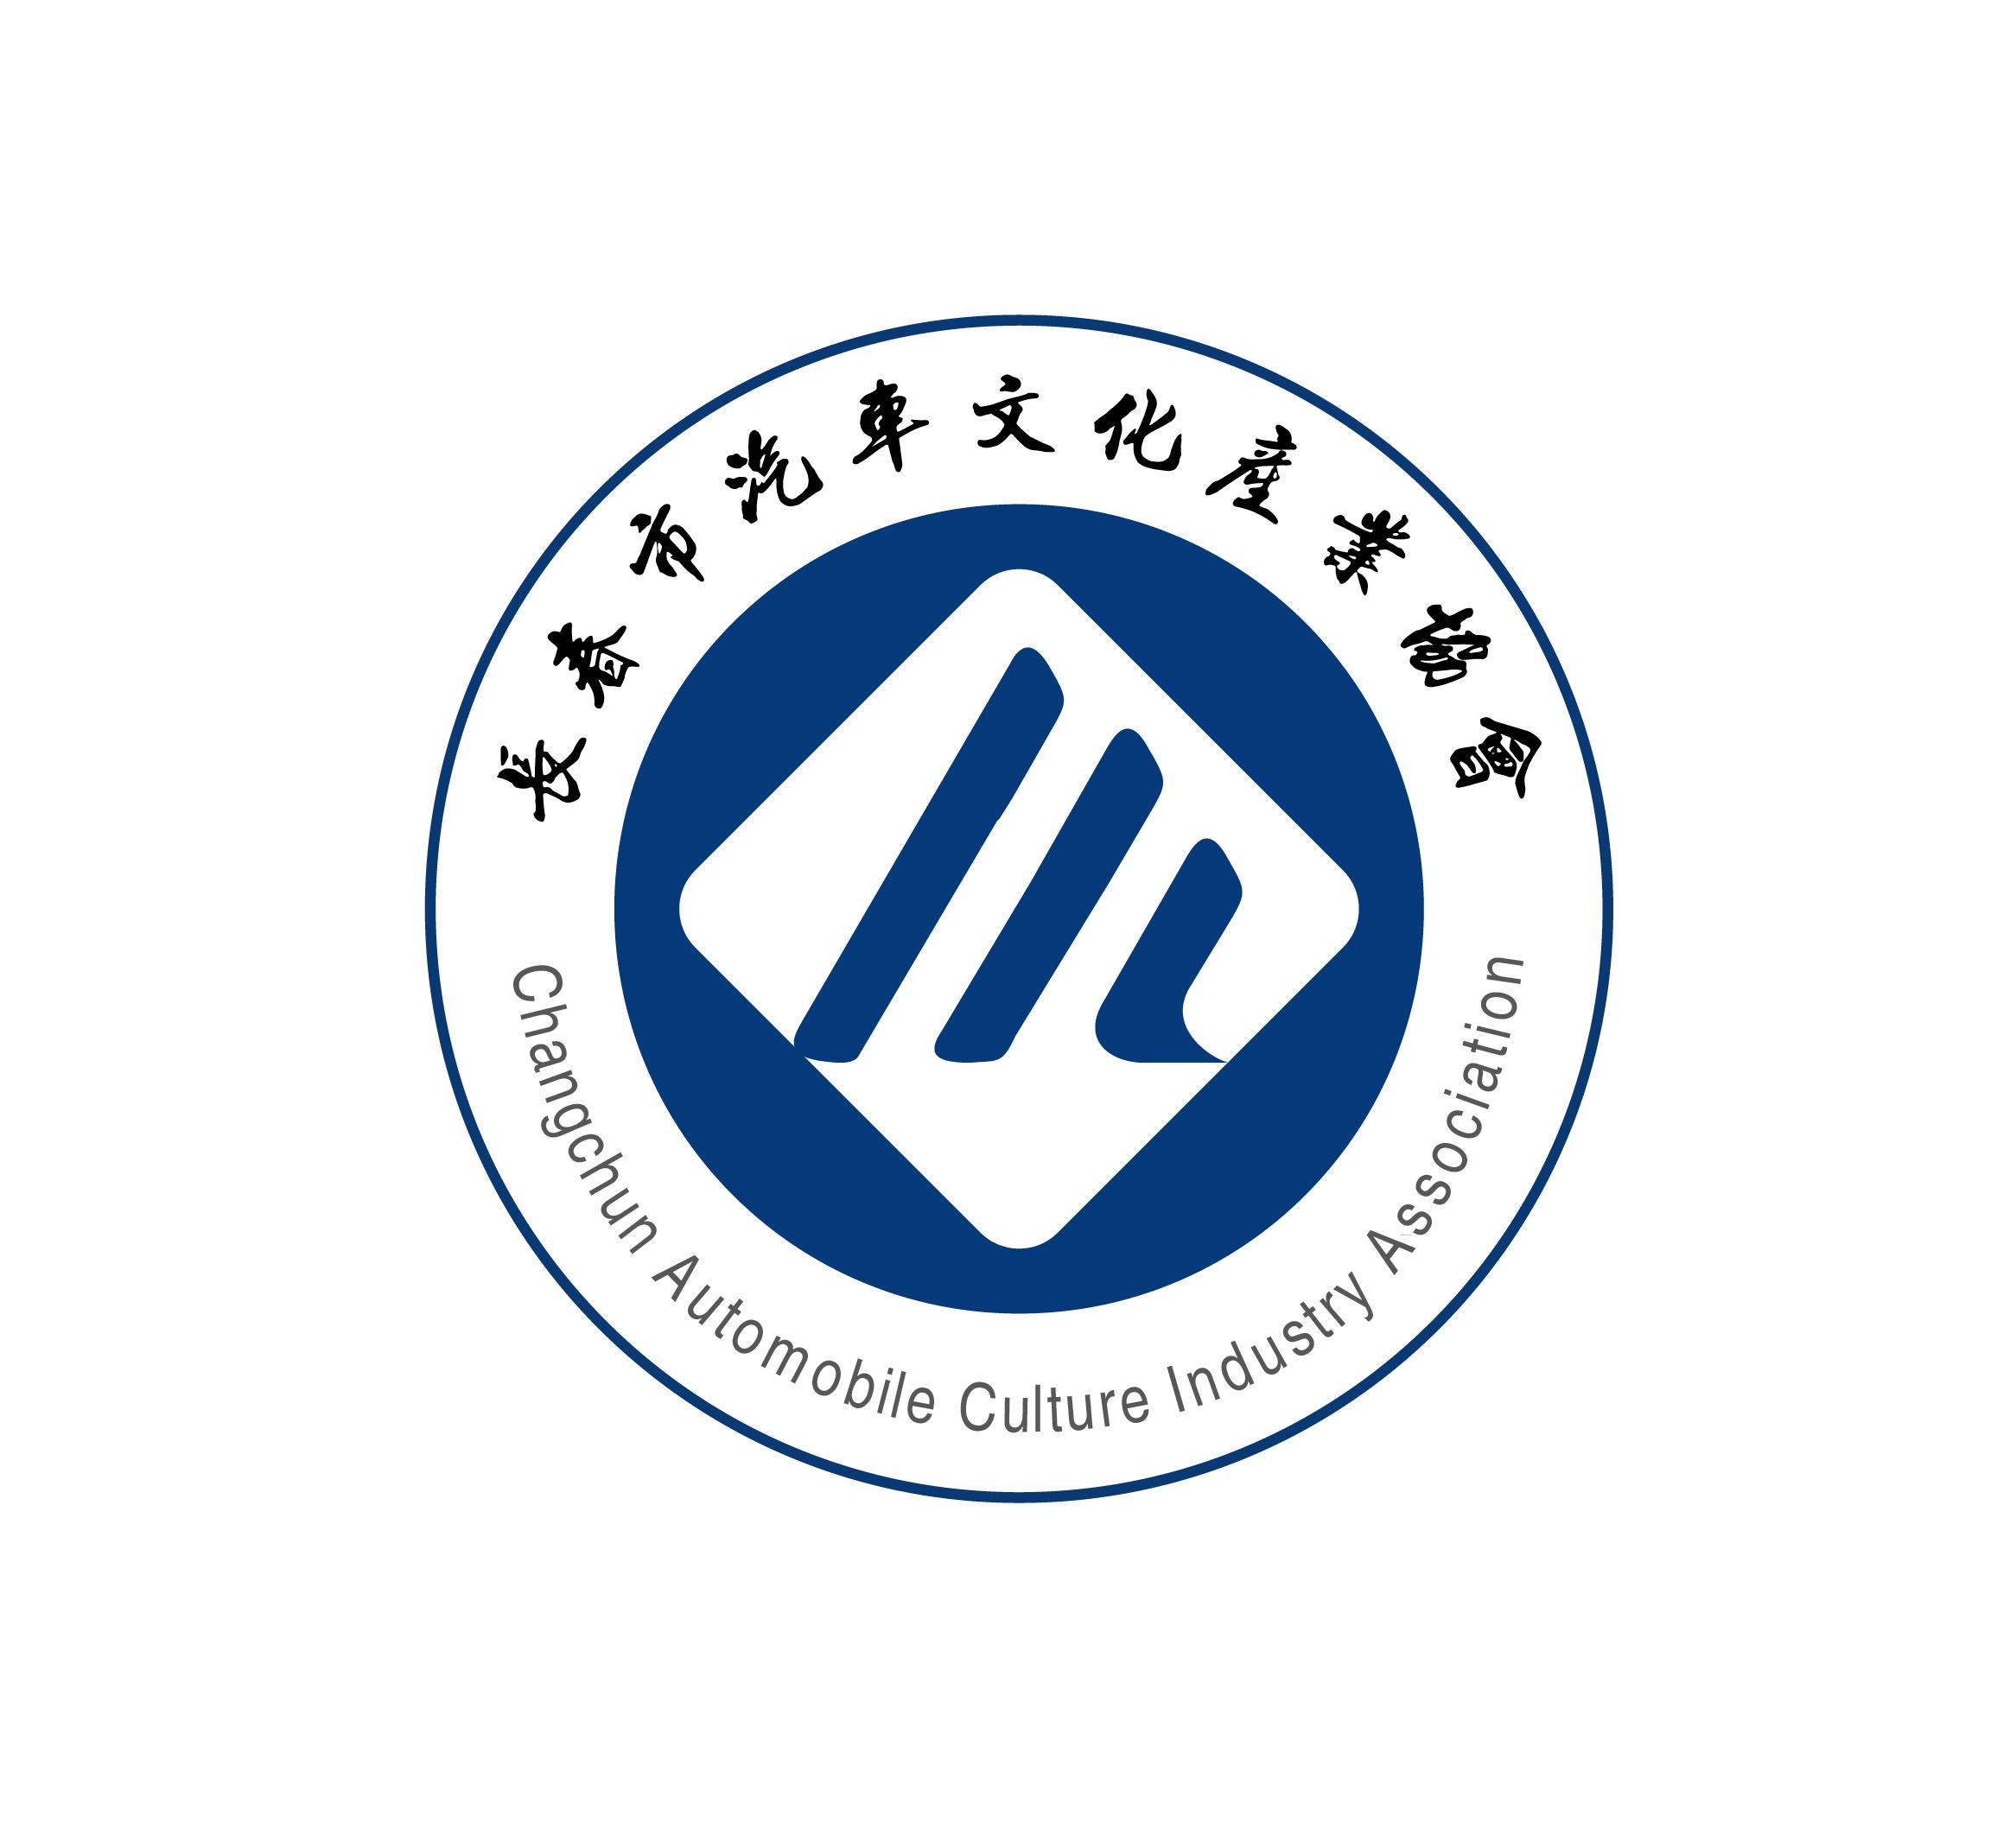 长春市汽车文化产业协会 电子书制作软件